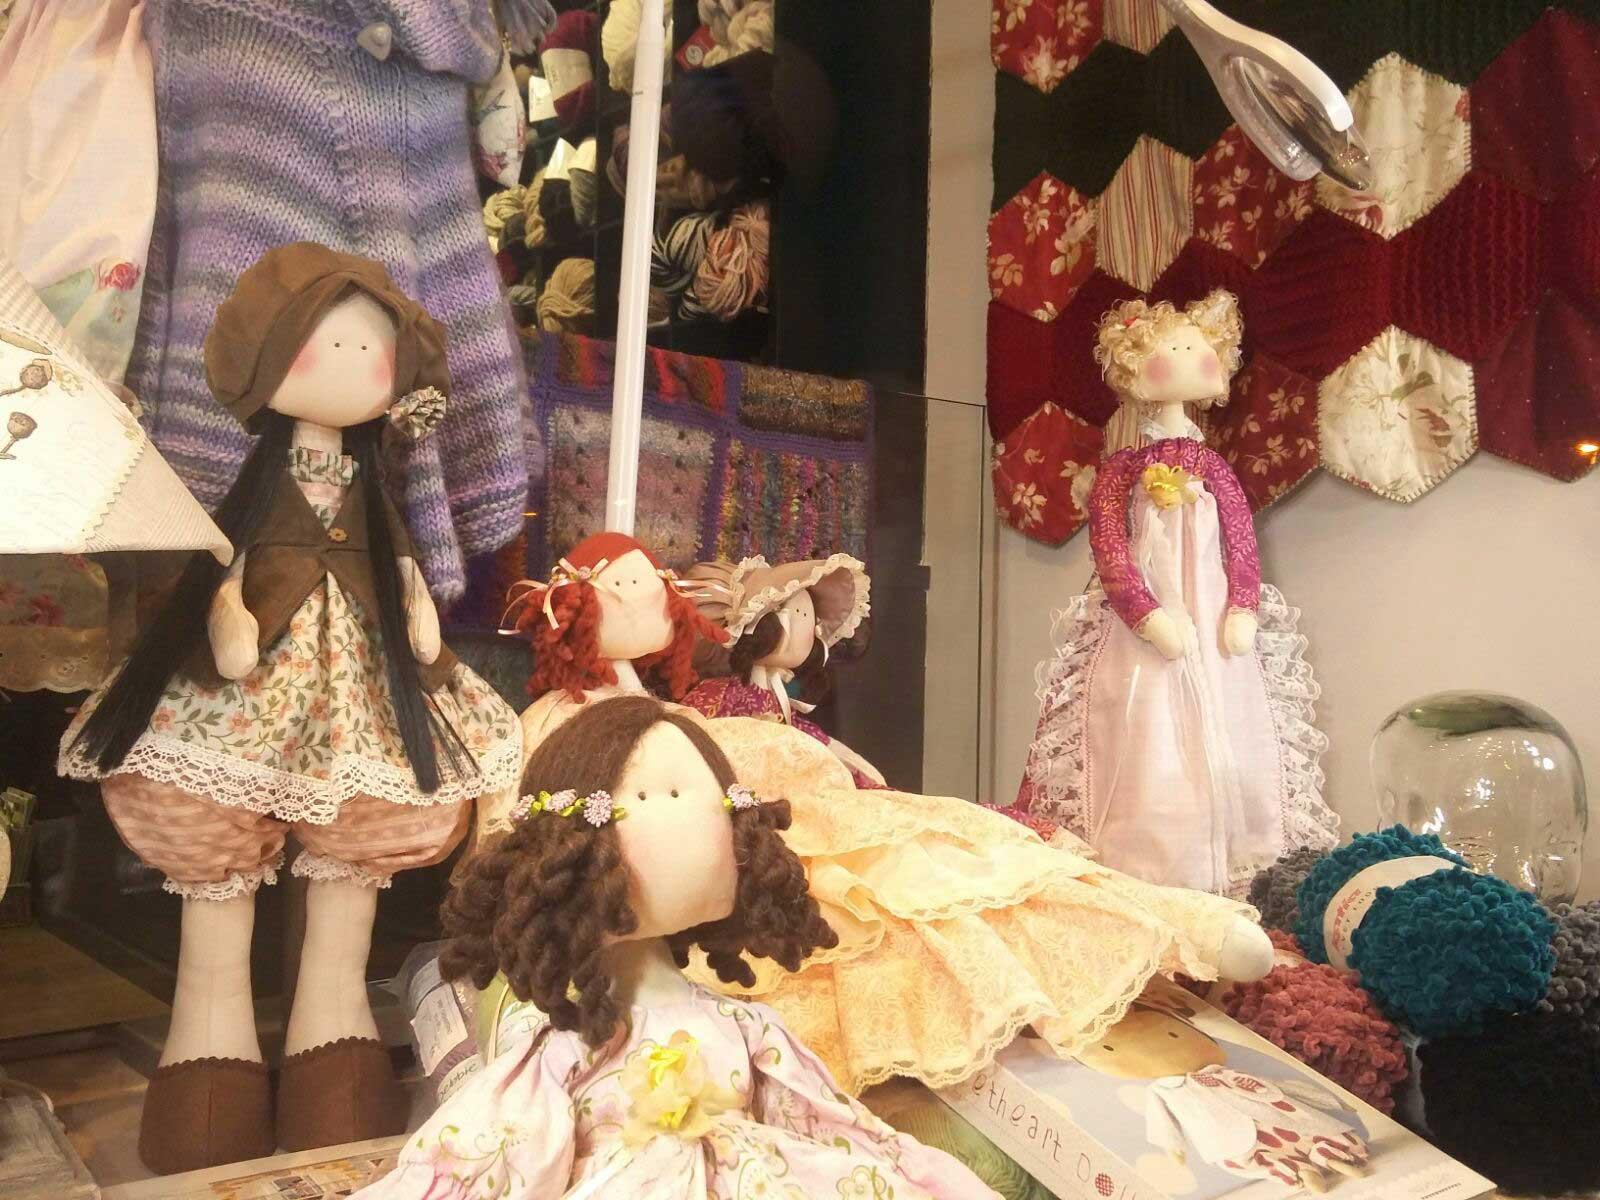 Bonecas enfeitam a vitrine do ateliê de artesanato Oyambre, em Barcelona